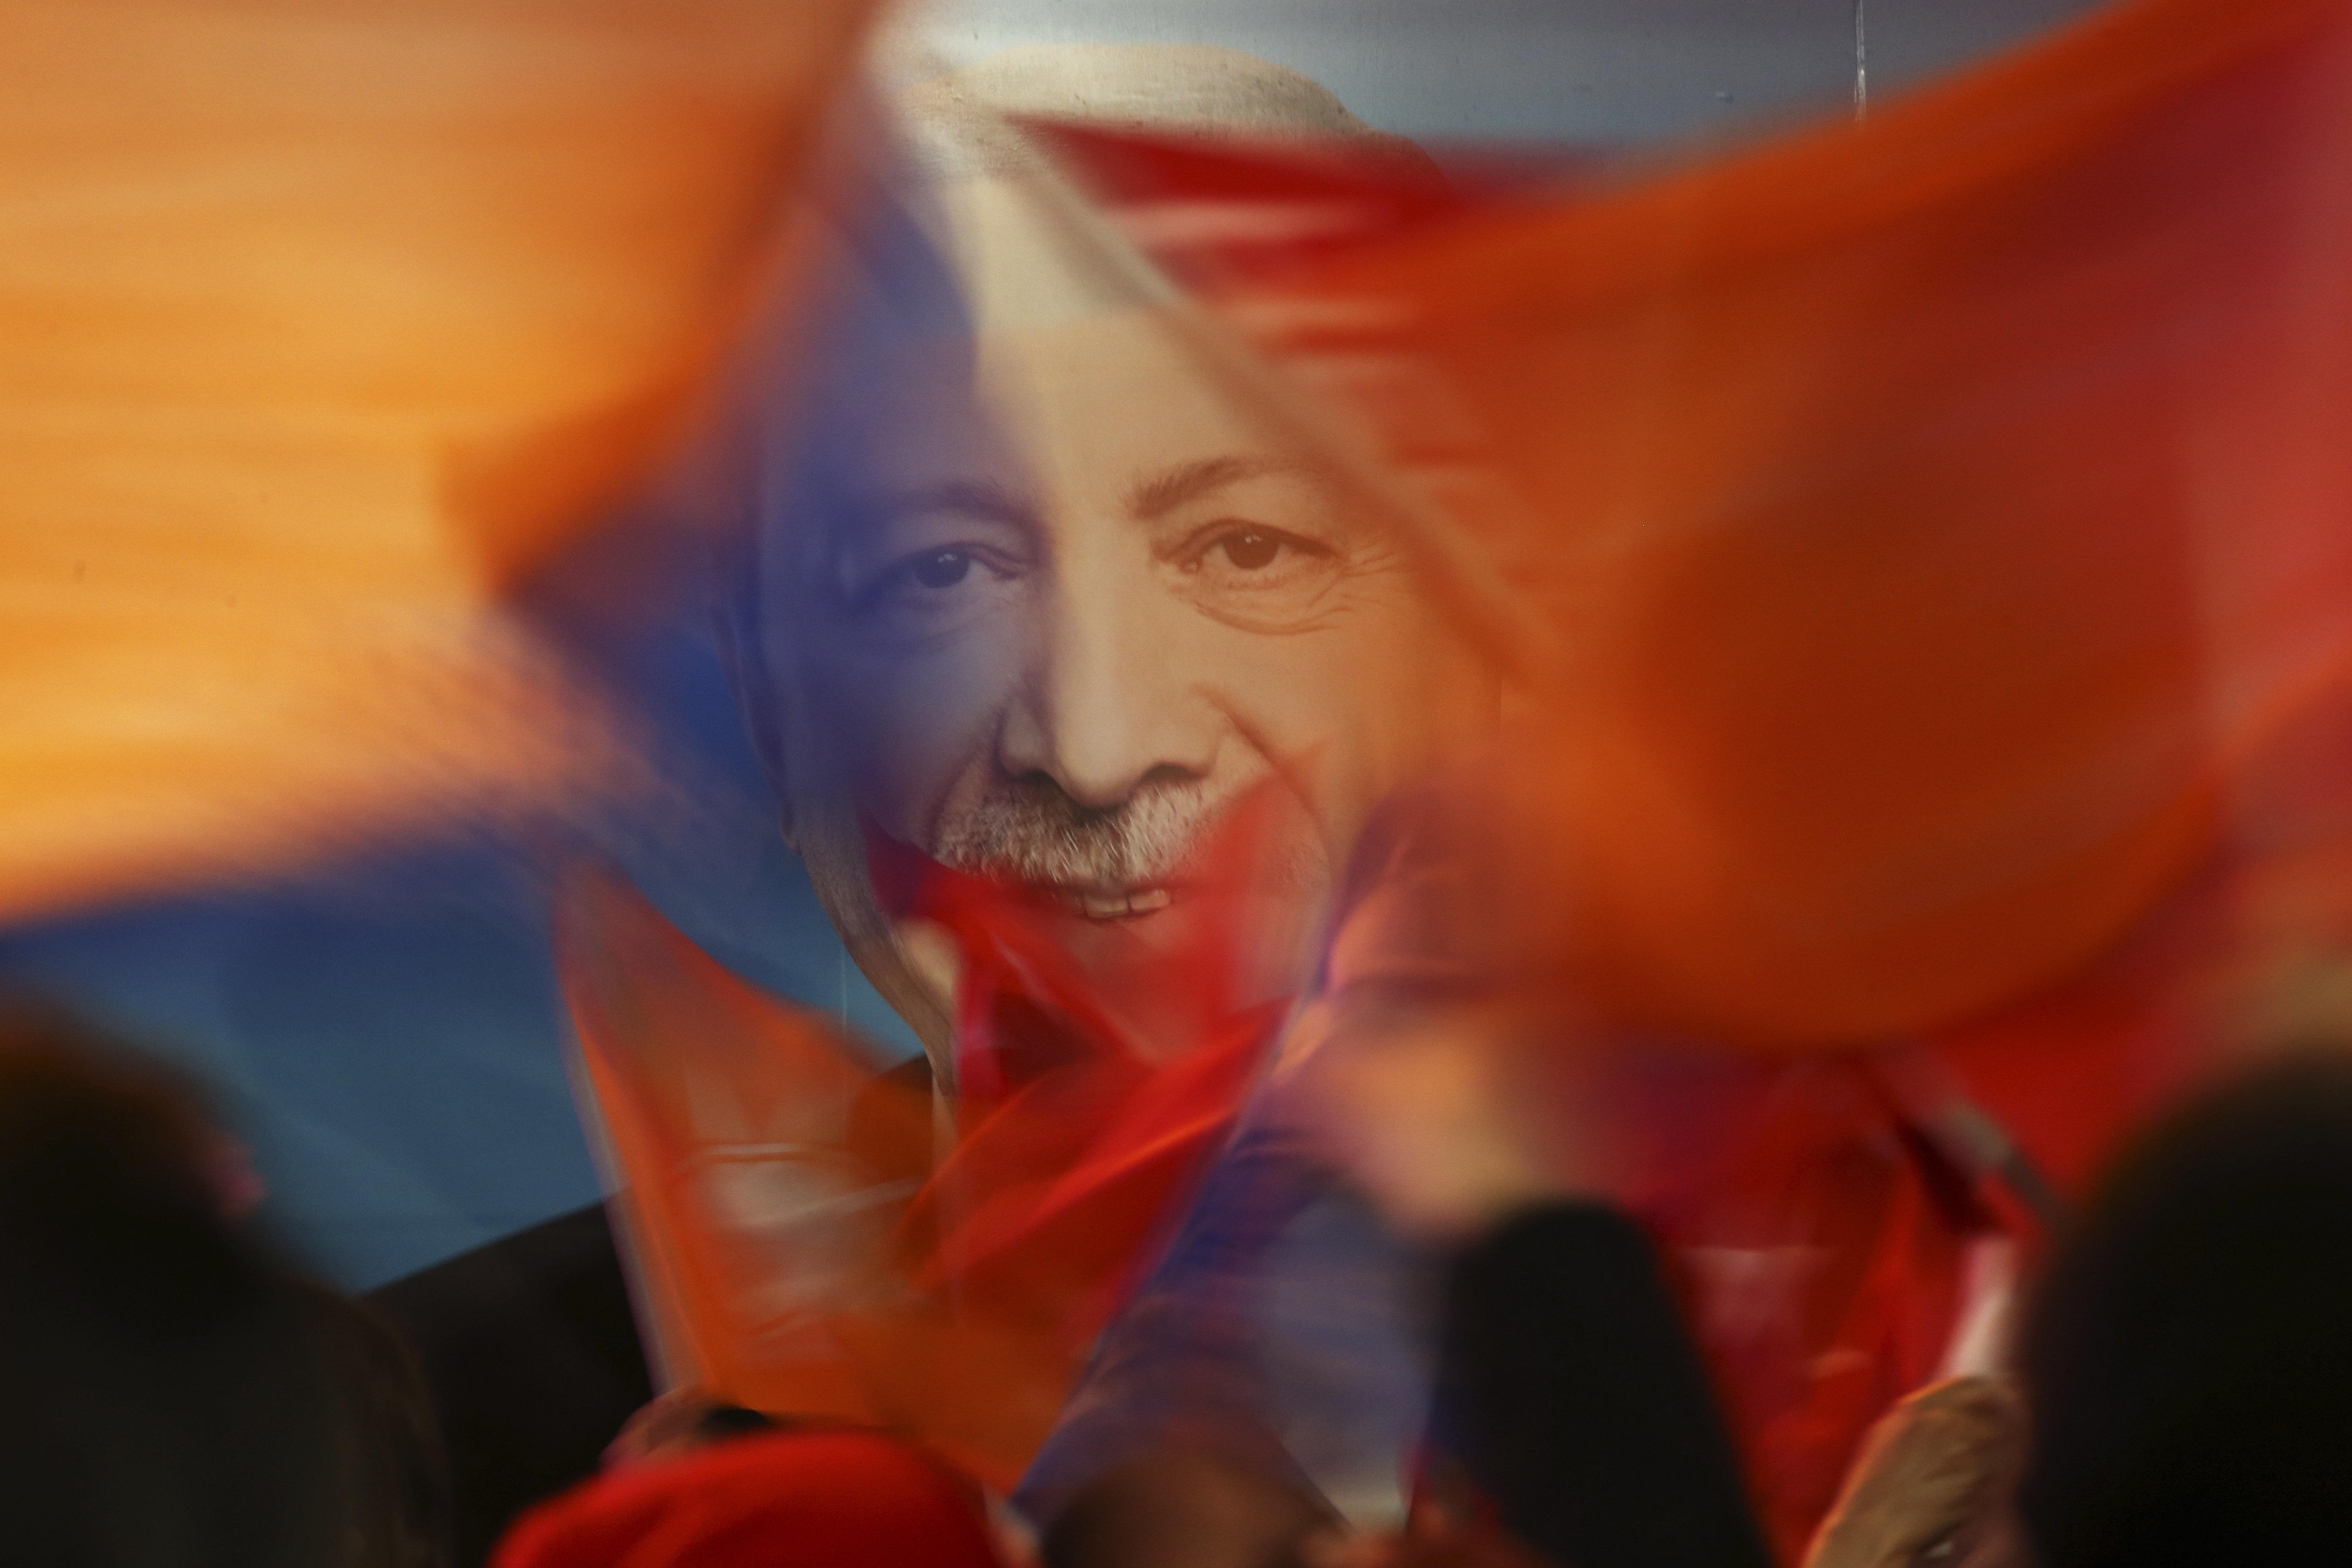 Νίκες και ήττες - Ο Ερντογάν κέρδισε την Τουρκία αλλά έχασε τις πόλεις που μετράνε. Όλα τα